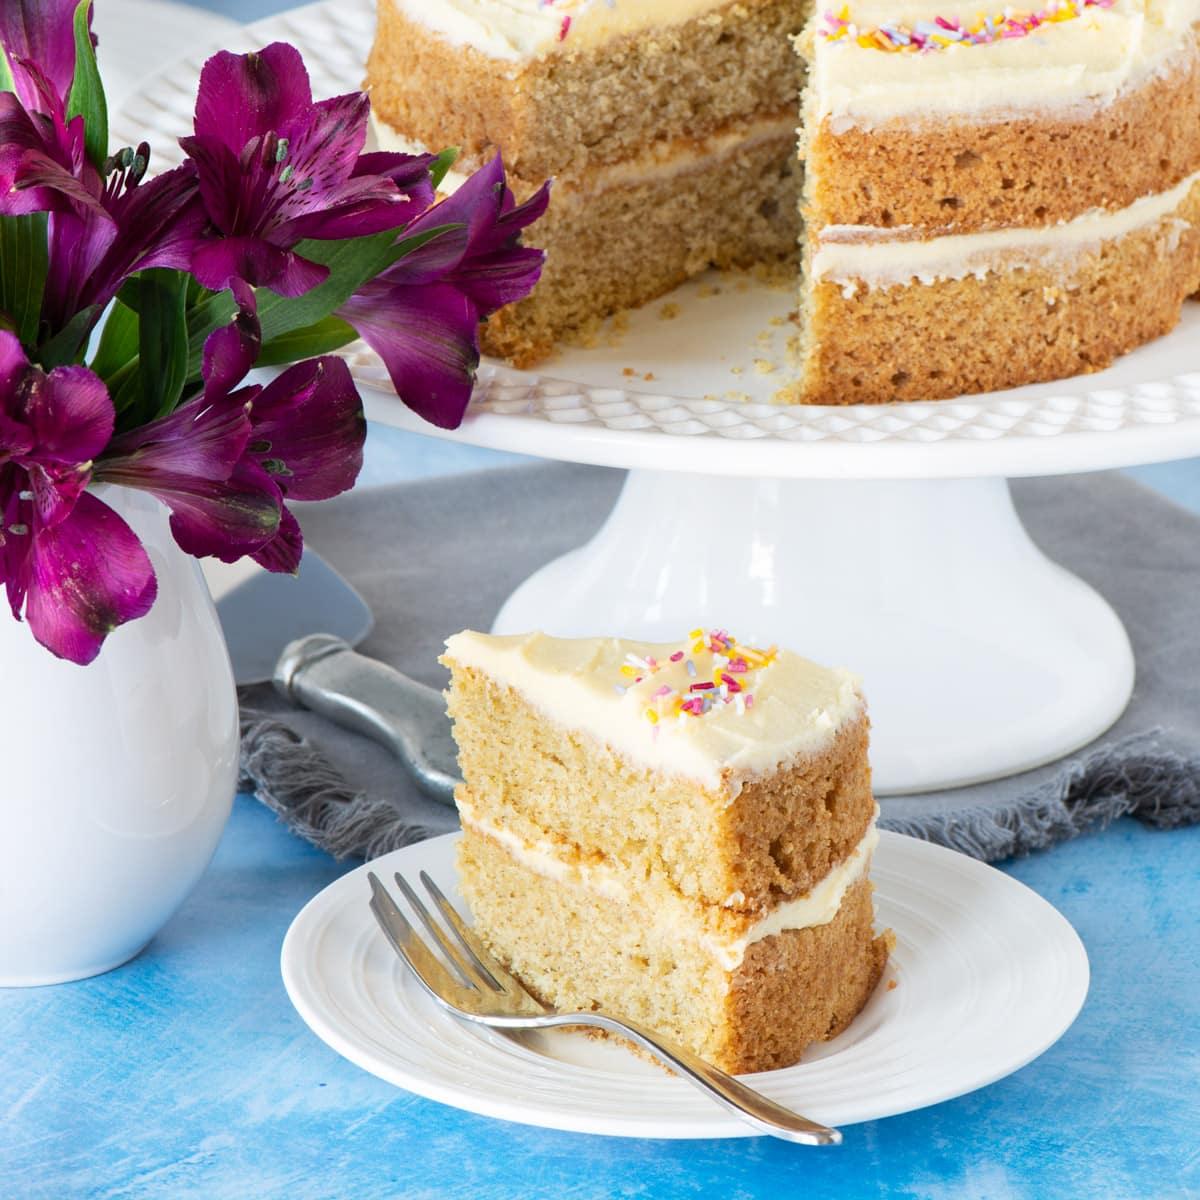 Super Vegan Birthday Cake Vegan Vanilla Sponge Cake Charlottes Funny Birthday Cards Online Fluifree Goldxyz